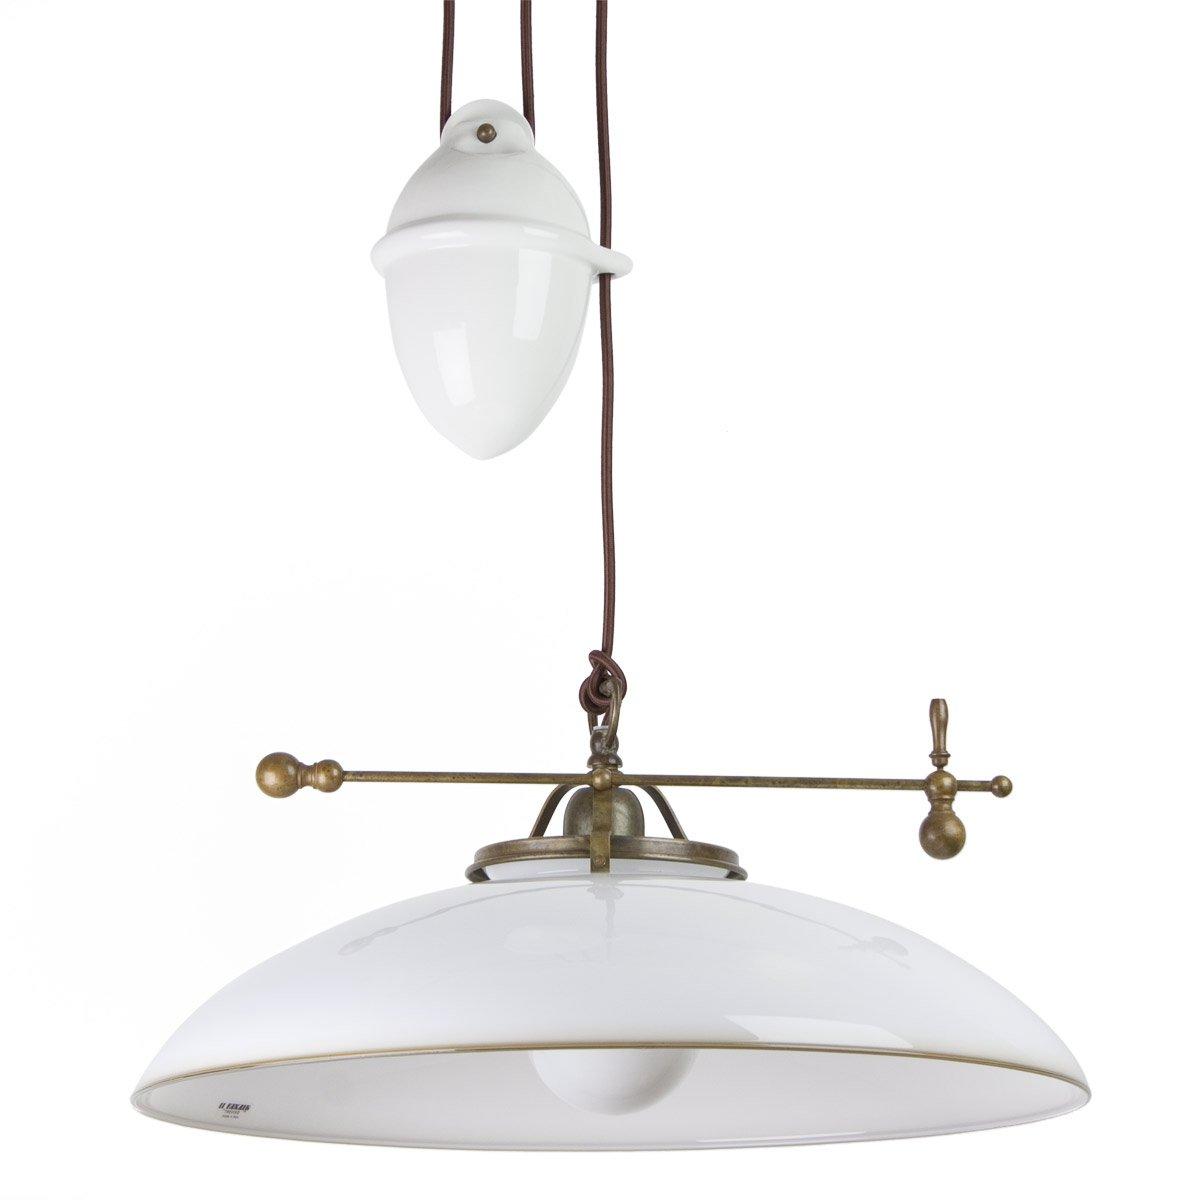 Landhauslampen Leuchten Und Lampen Im Landhausstil